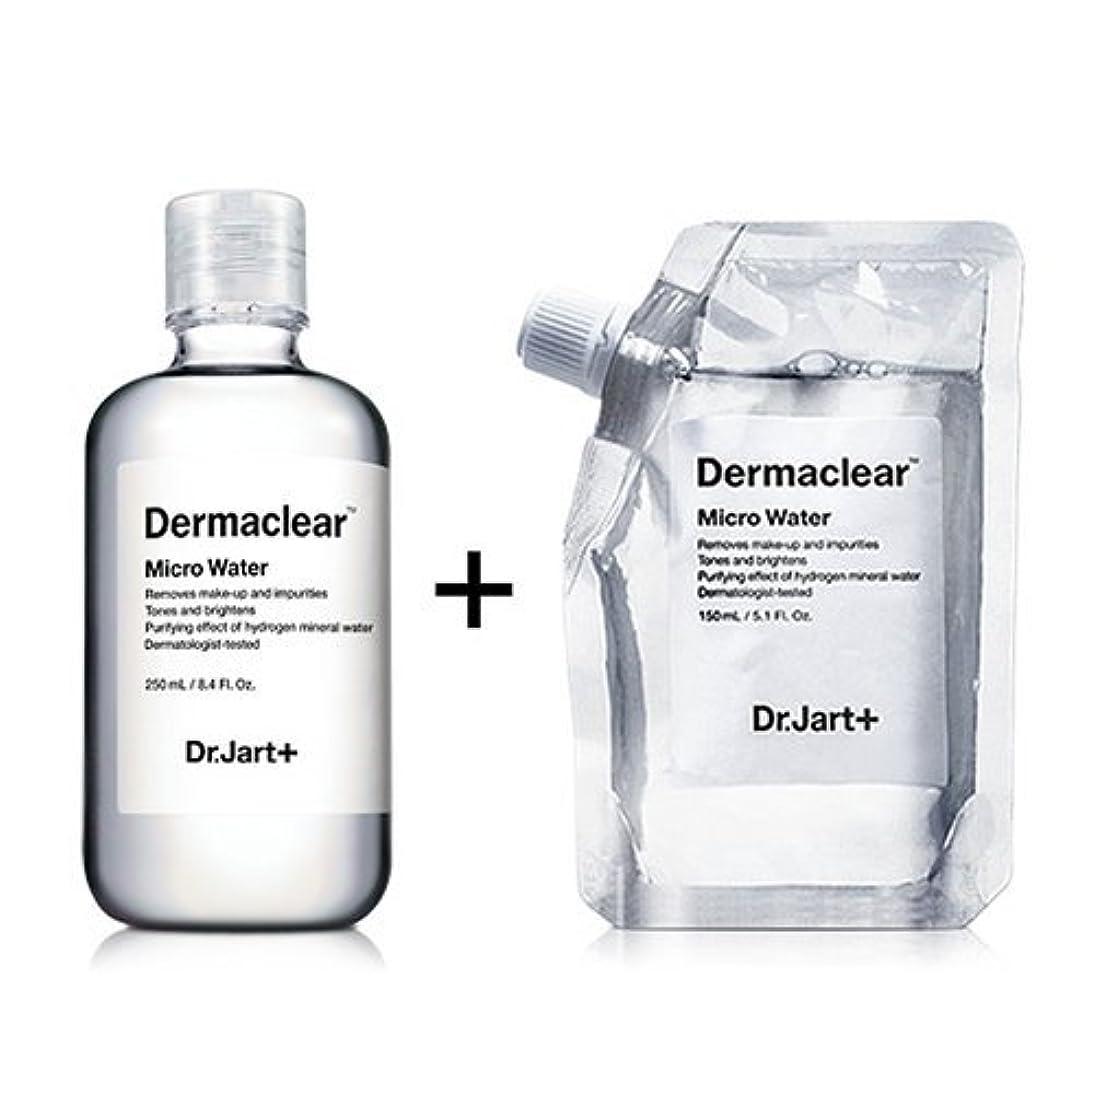 激しい環境スコアドクタージャルト[韓国コスメ Dr.Jart+]ダーマクリア マイクロ ウォーター250ml+150ml(リフィル) [Dr.Jart+]Dermaclear Micro Water (250ml+150ml)